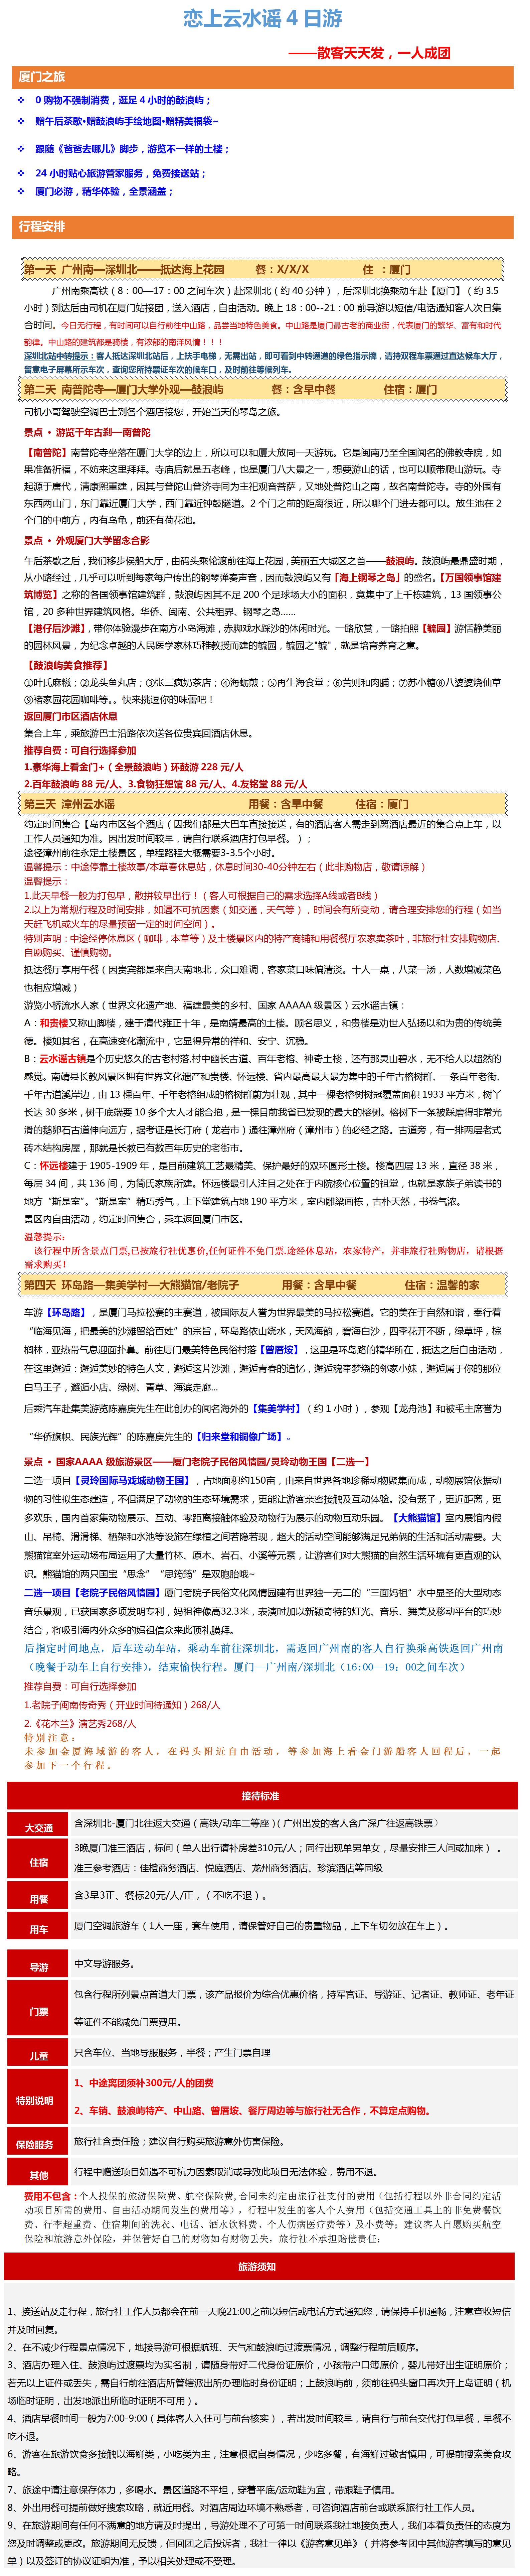 [國泰旅游] 暑期7-8月份廈門 武夷山 土樓 散拼計劃(2).png